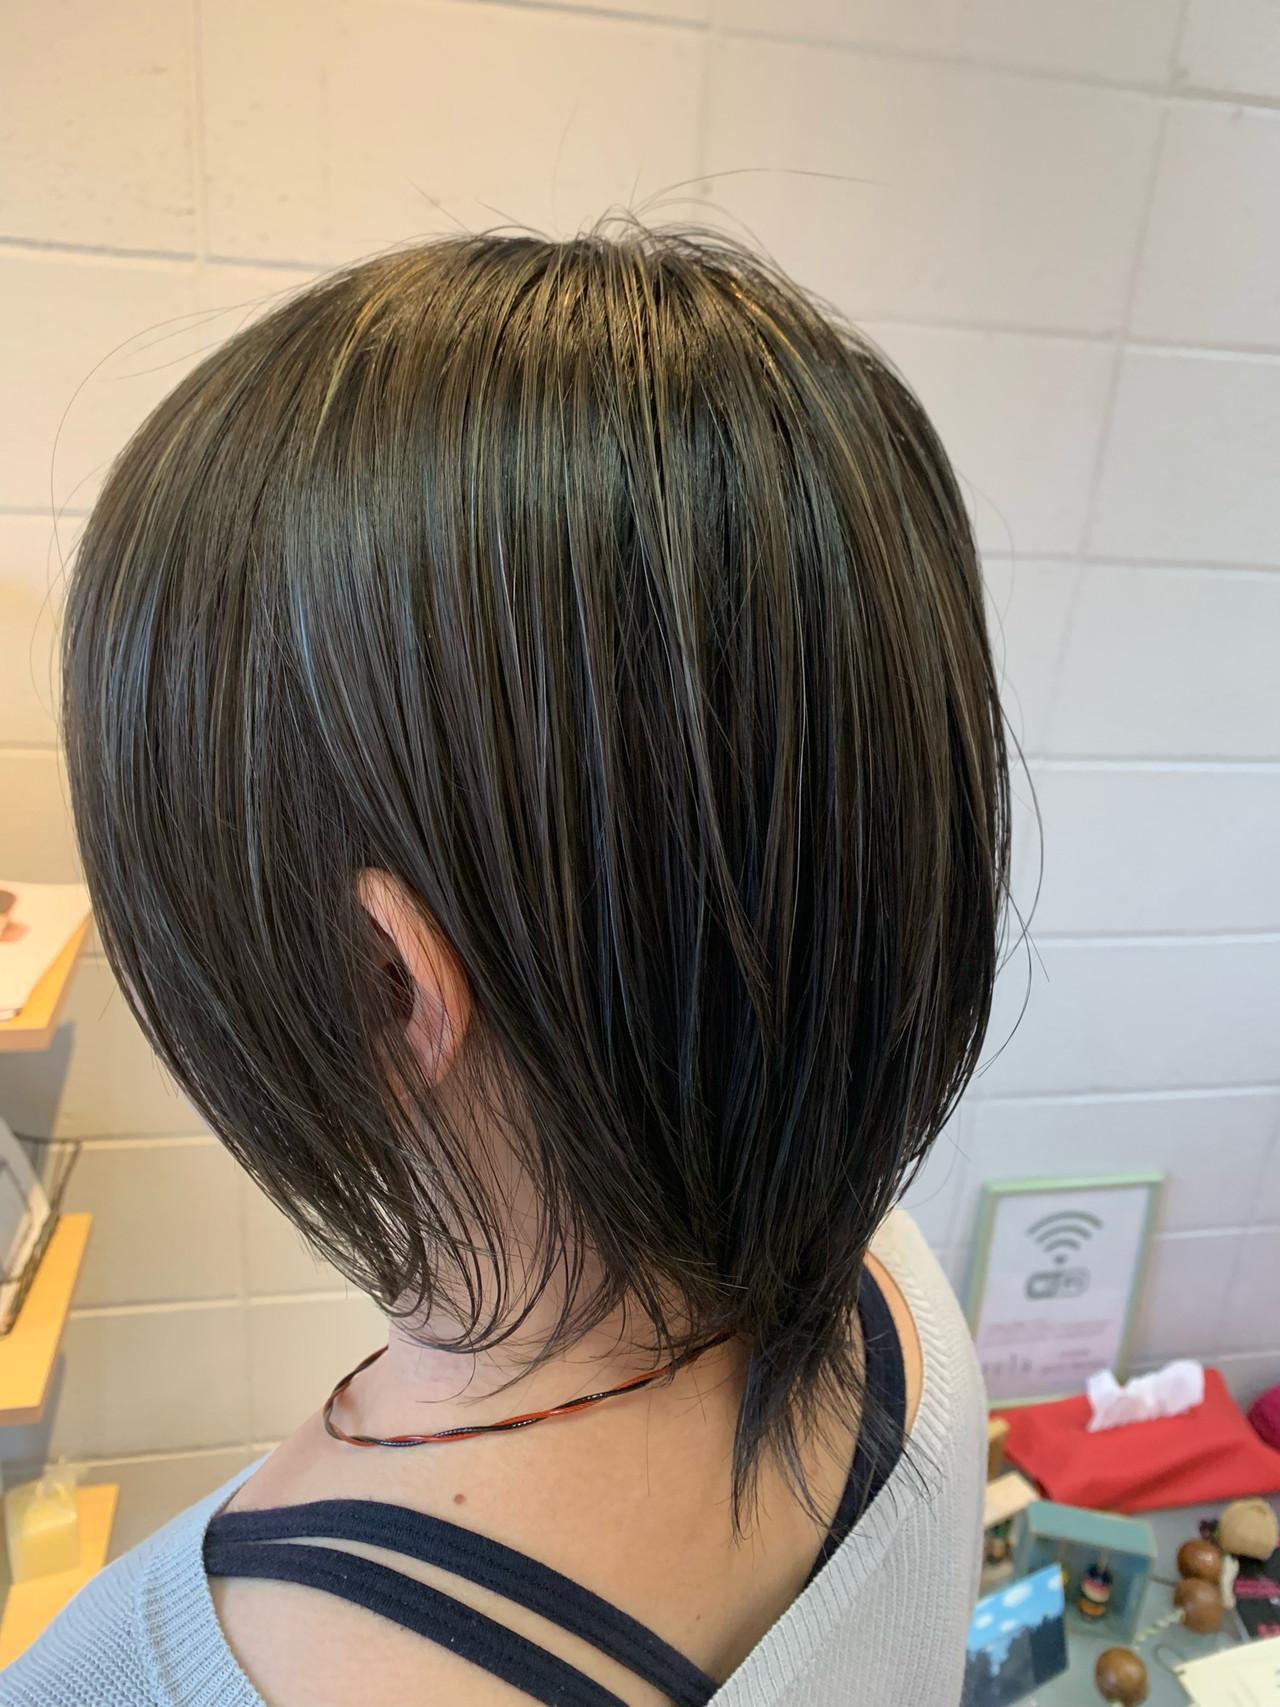 ハイライト 極細ハイライト 艶髪 ナチュラル ヘアスタイルや髪型の写真・画像 | Hatori Masaki / rela hair salon